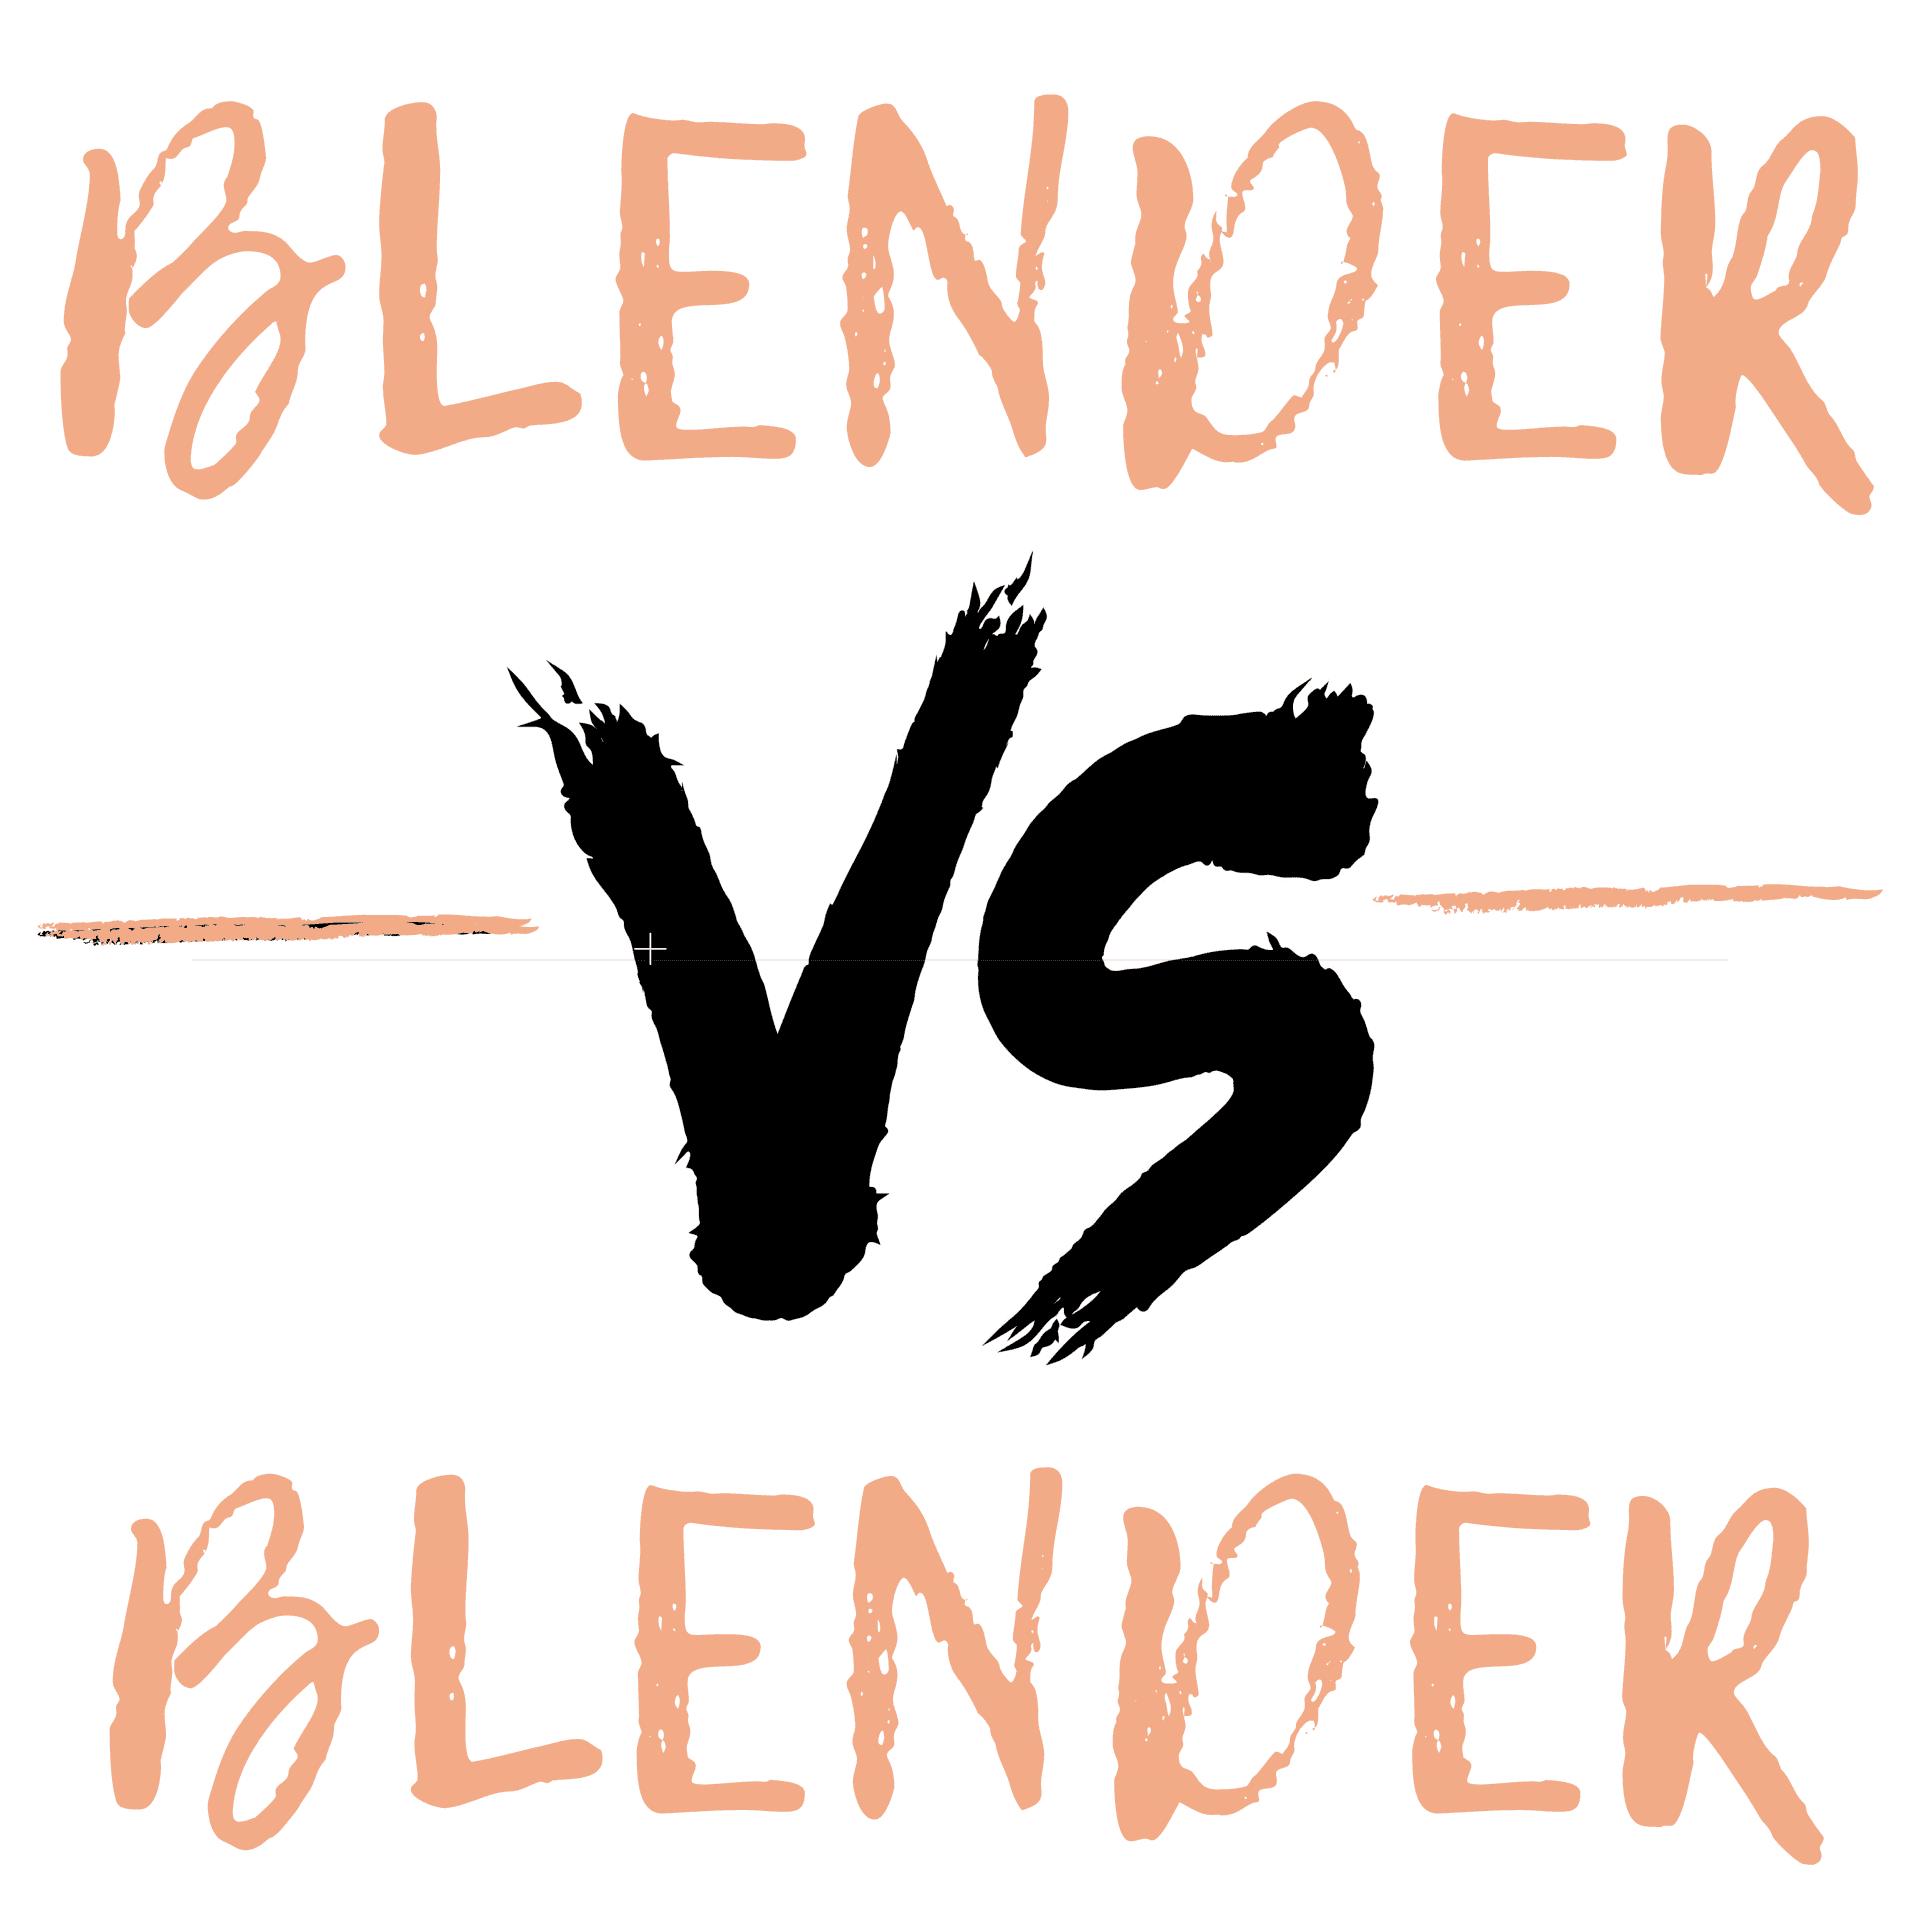 Blender vs. Blender vector in pink and black coloring